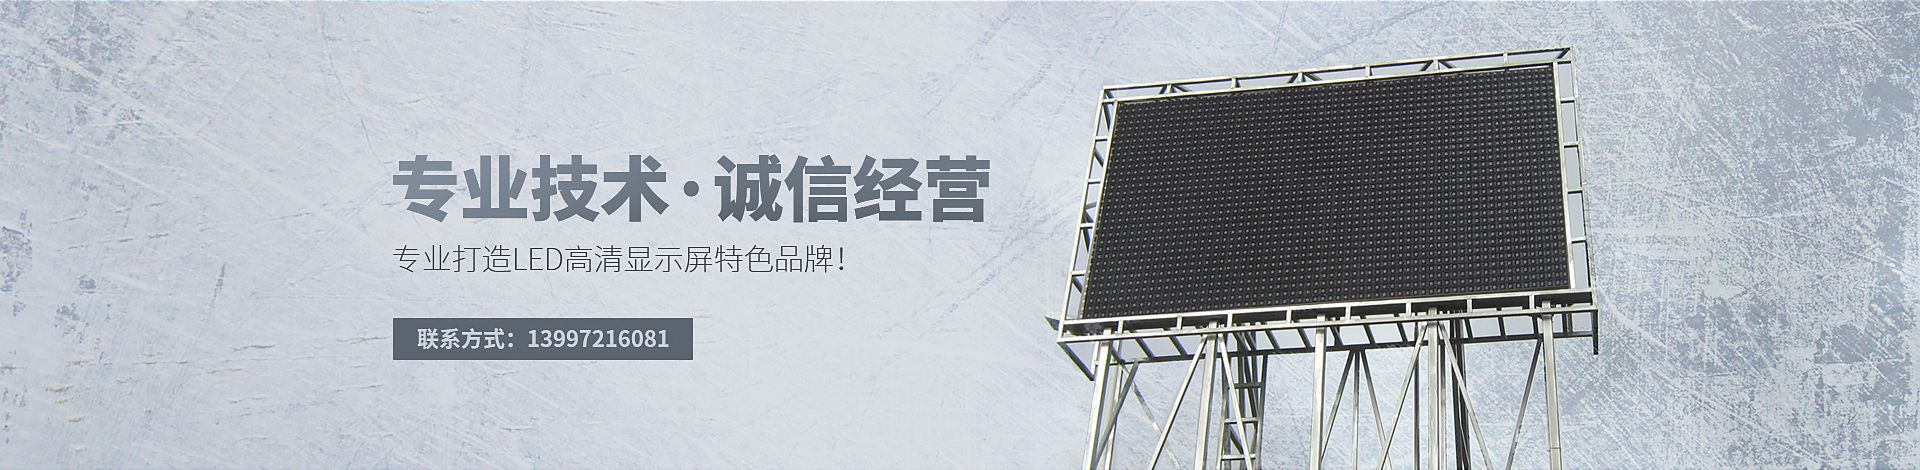 西宁艺盛蓉电子销售有限责任公司